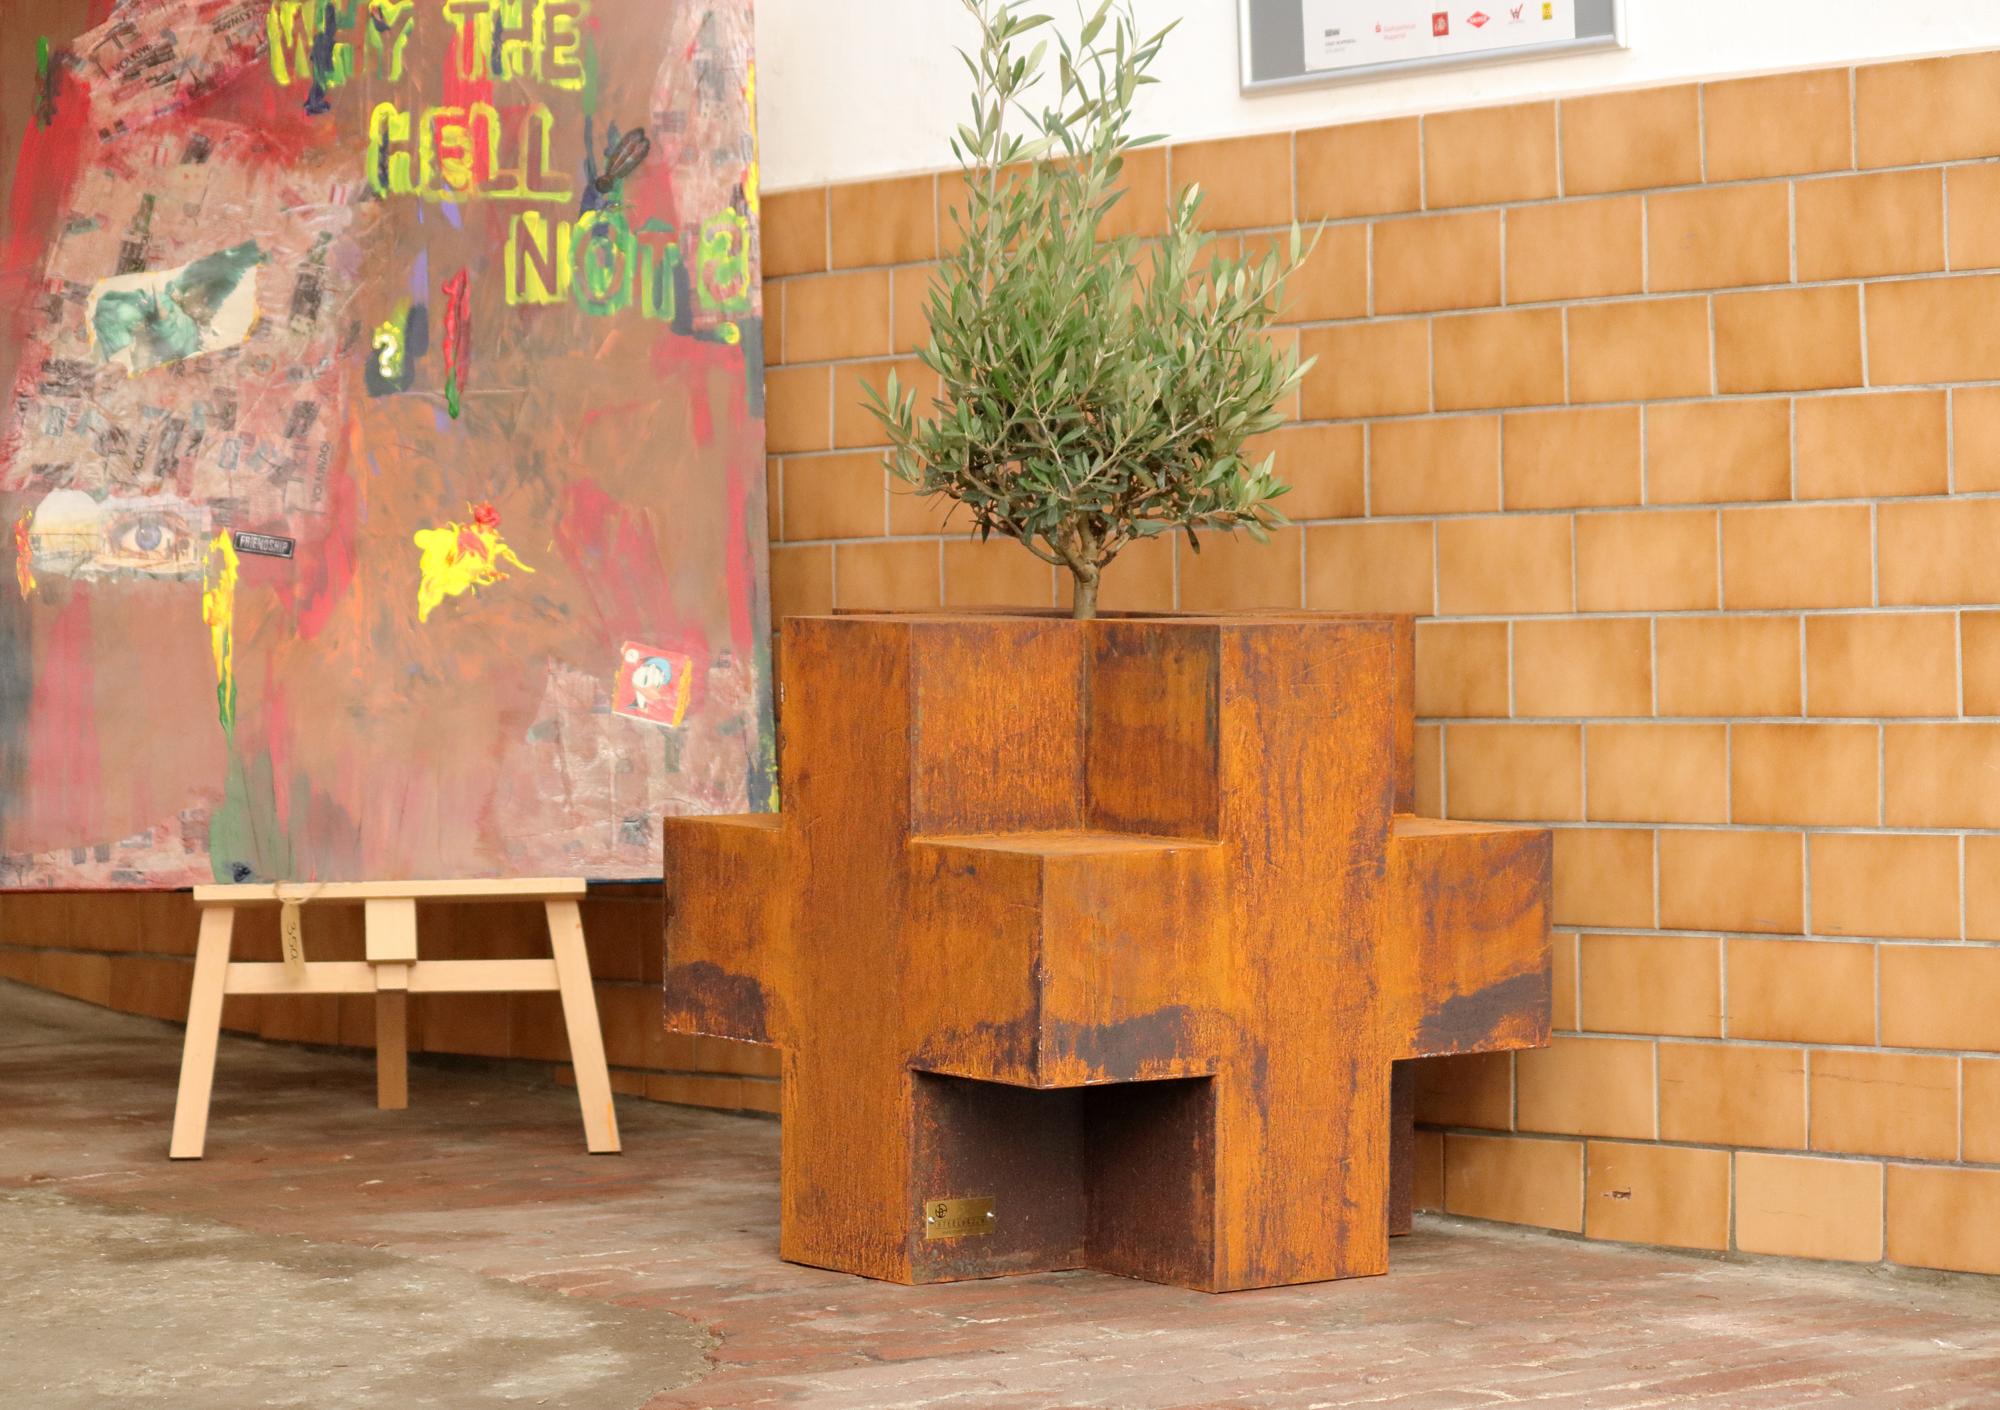 SCHWEIZ (60 x 60 x 60 cm)